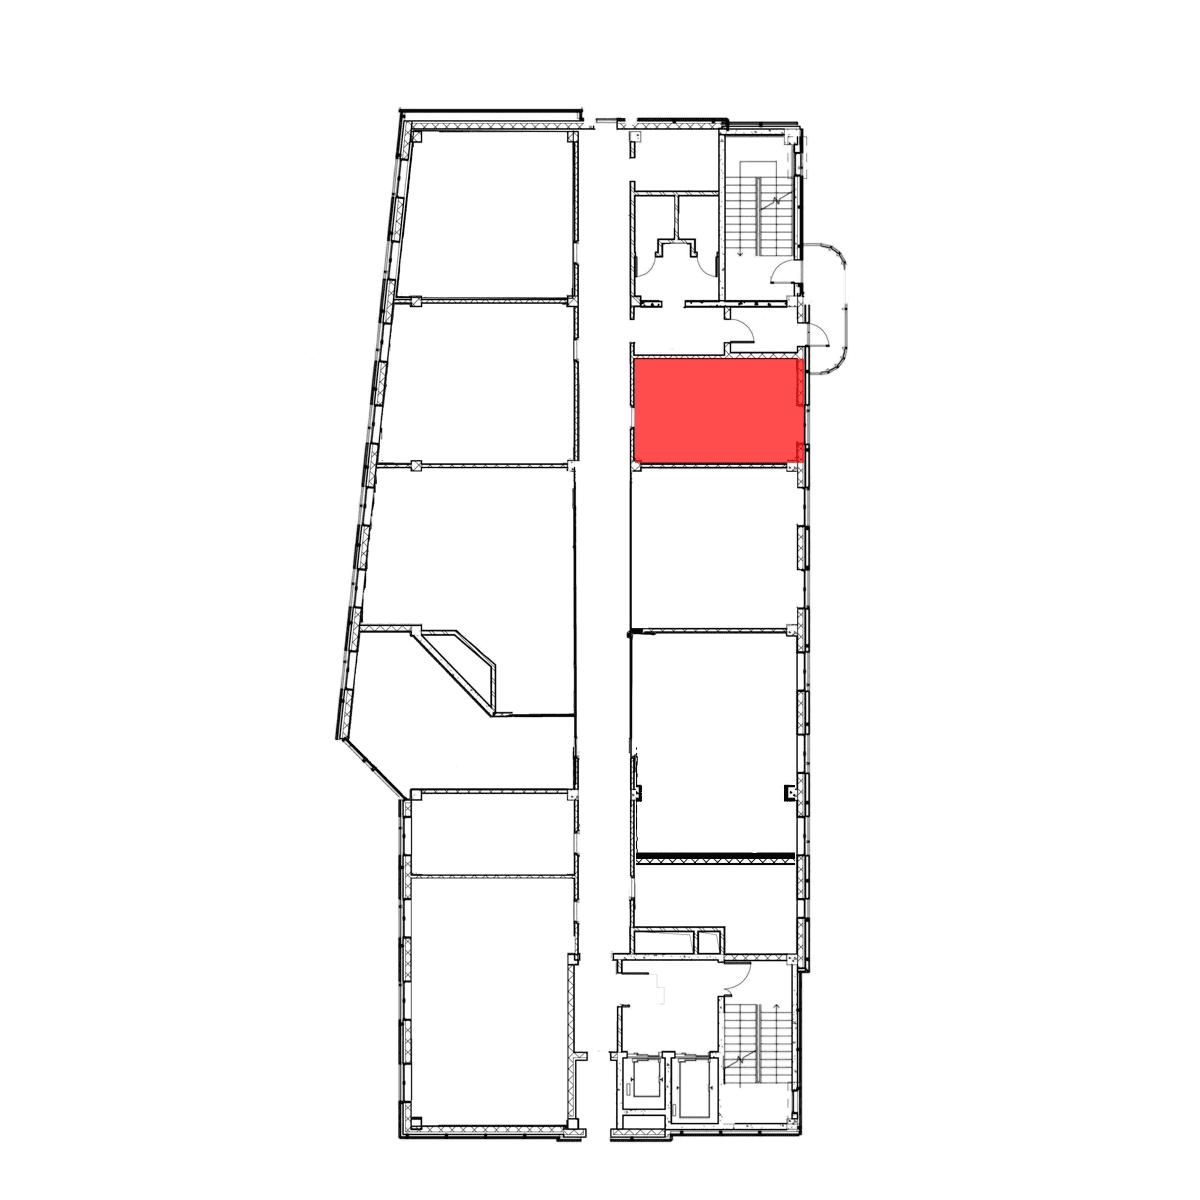 аренда помещения 6 этаж 25,2 м2